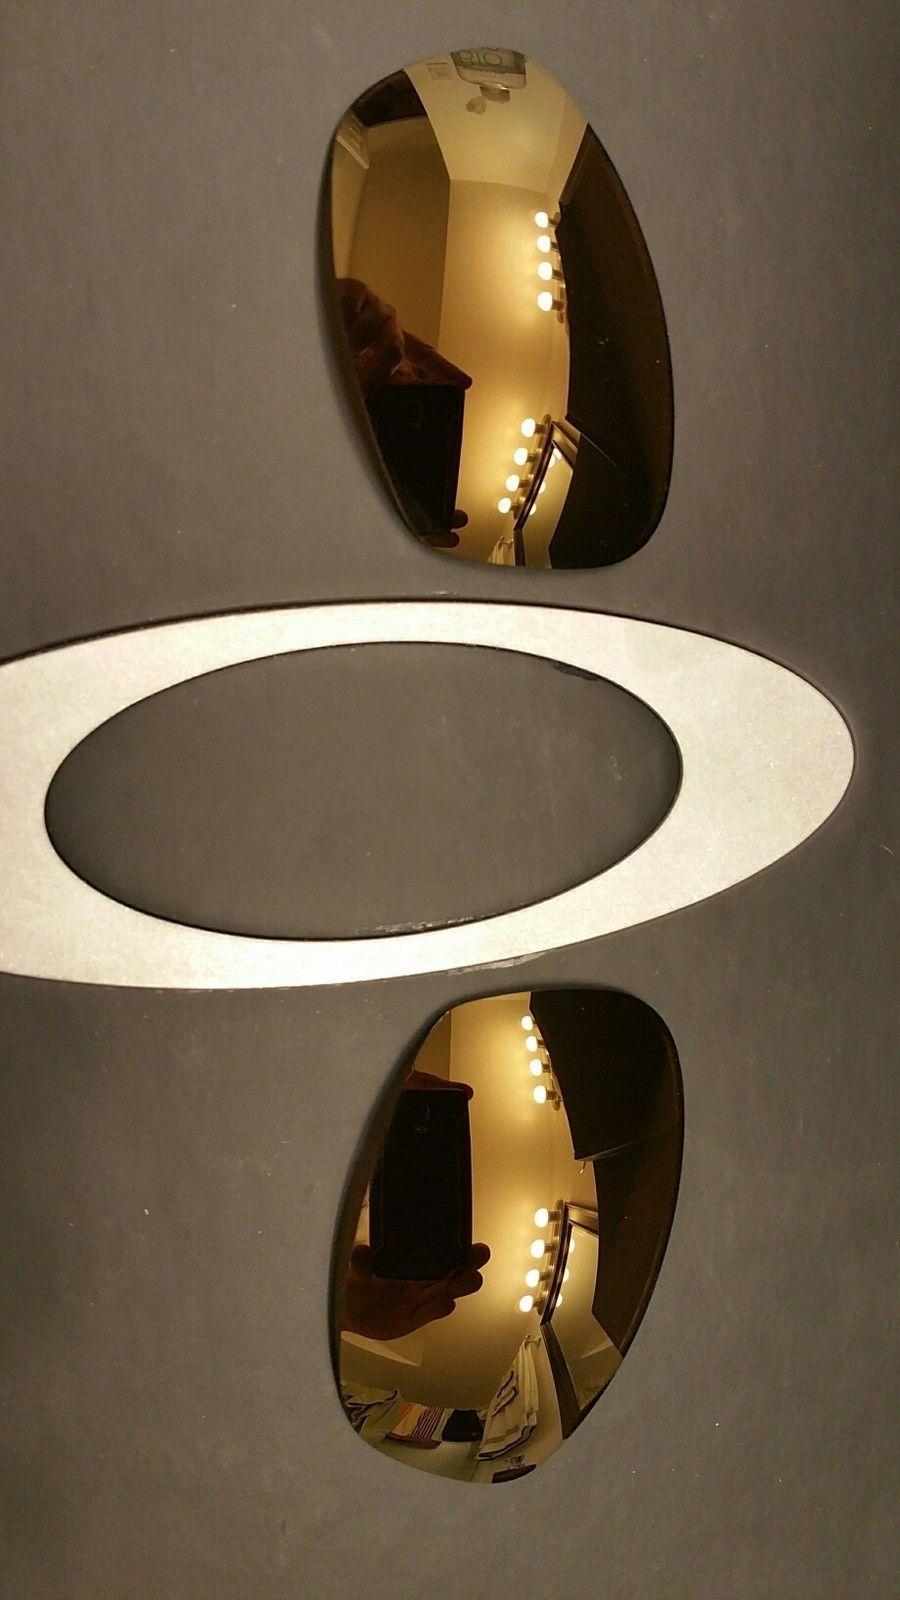 X-metal lenses - 20151205_230143_resized.jpg